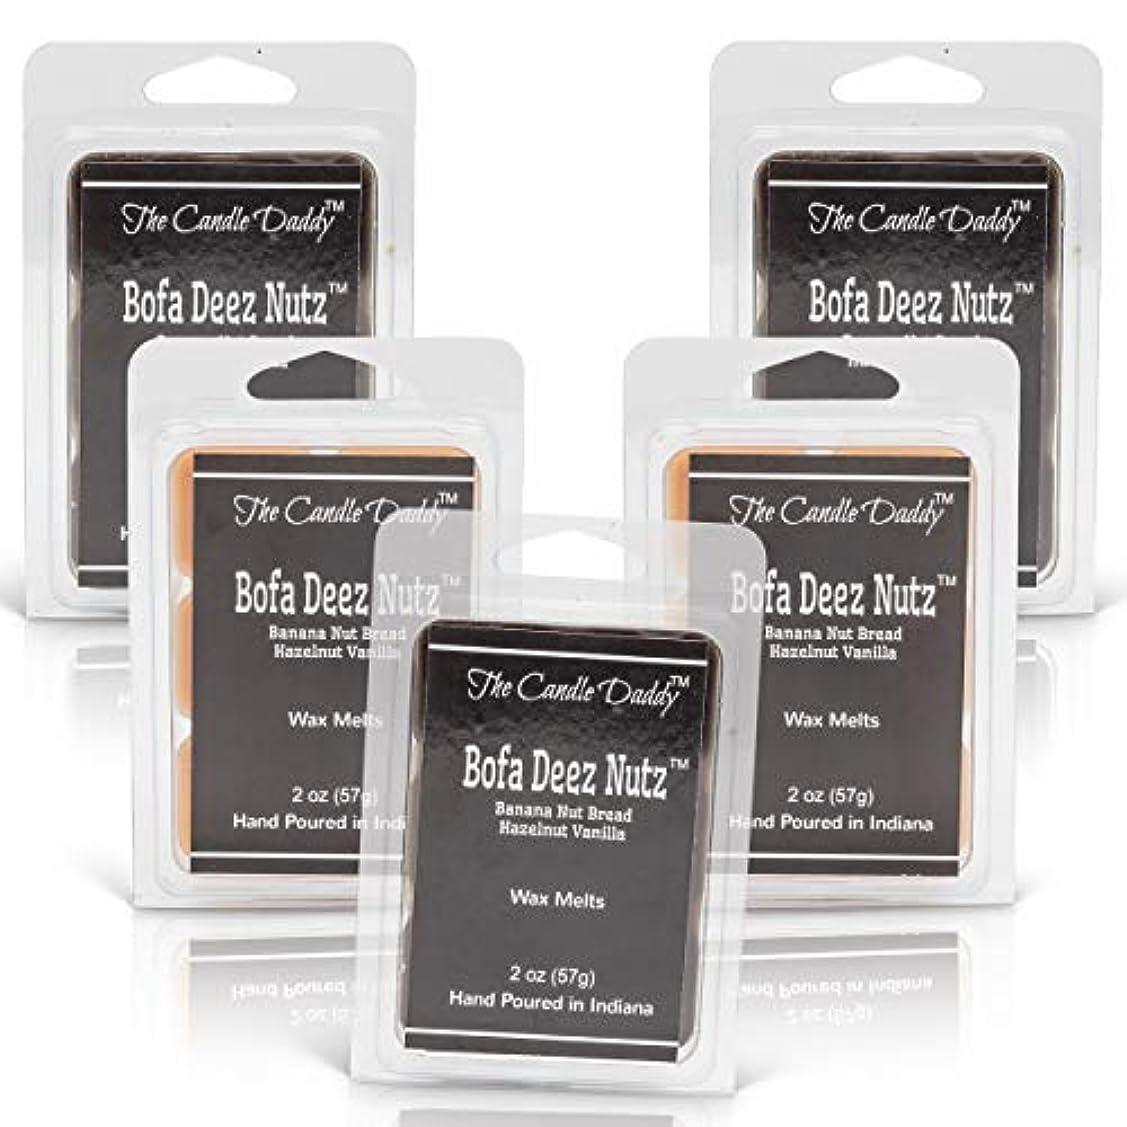 ブラインドイブニングシュートThe Candle Daddy Bofa Deez Nutz バナナナッツブレッド ヘーゼルナッツバニラ 最大香り ワックスキューブ/タルト/メルト- 5パック 合計10オンス キューブ30個